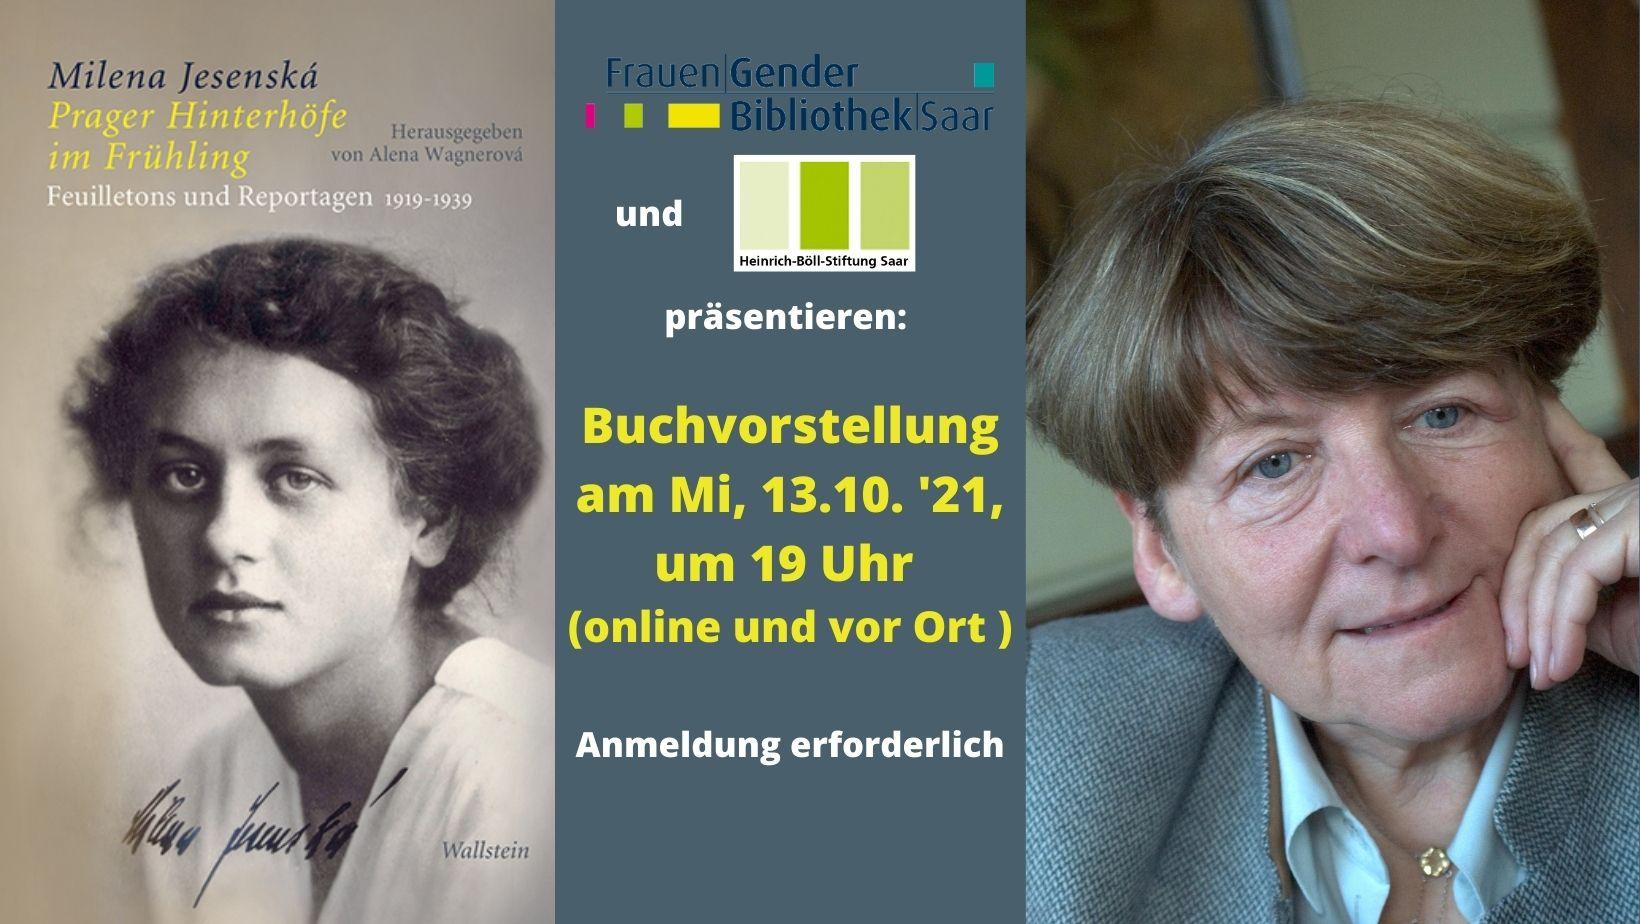 """""""Milena Jesenská. Feuilletons und Reportagen 1919-1939"""" von Alena Wagnerová am Mittwoch, 13. Oktober 2021, um 19:00 Uhr"""